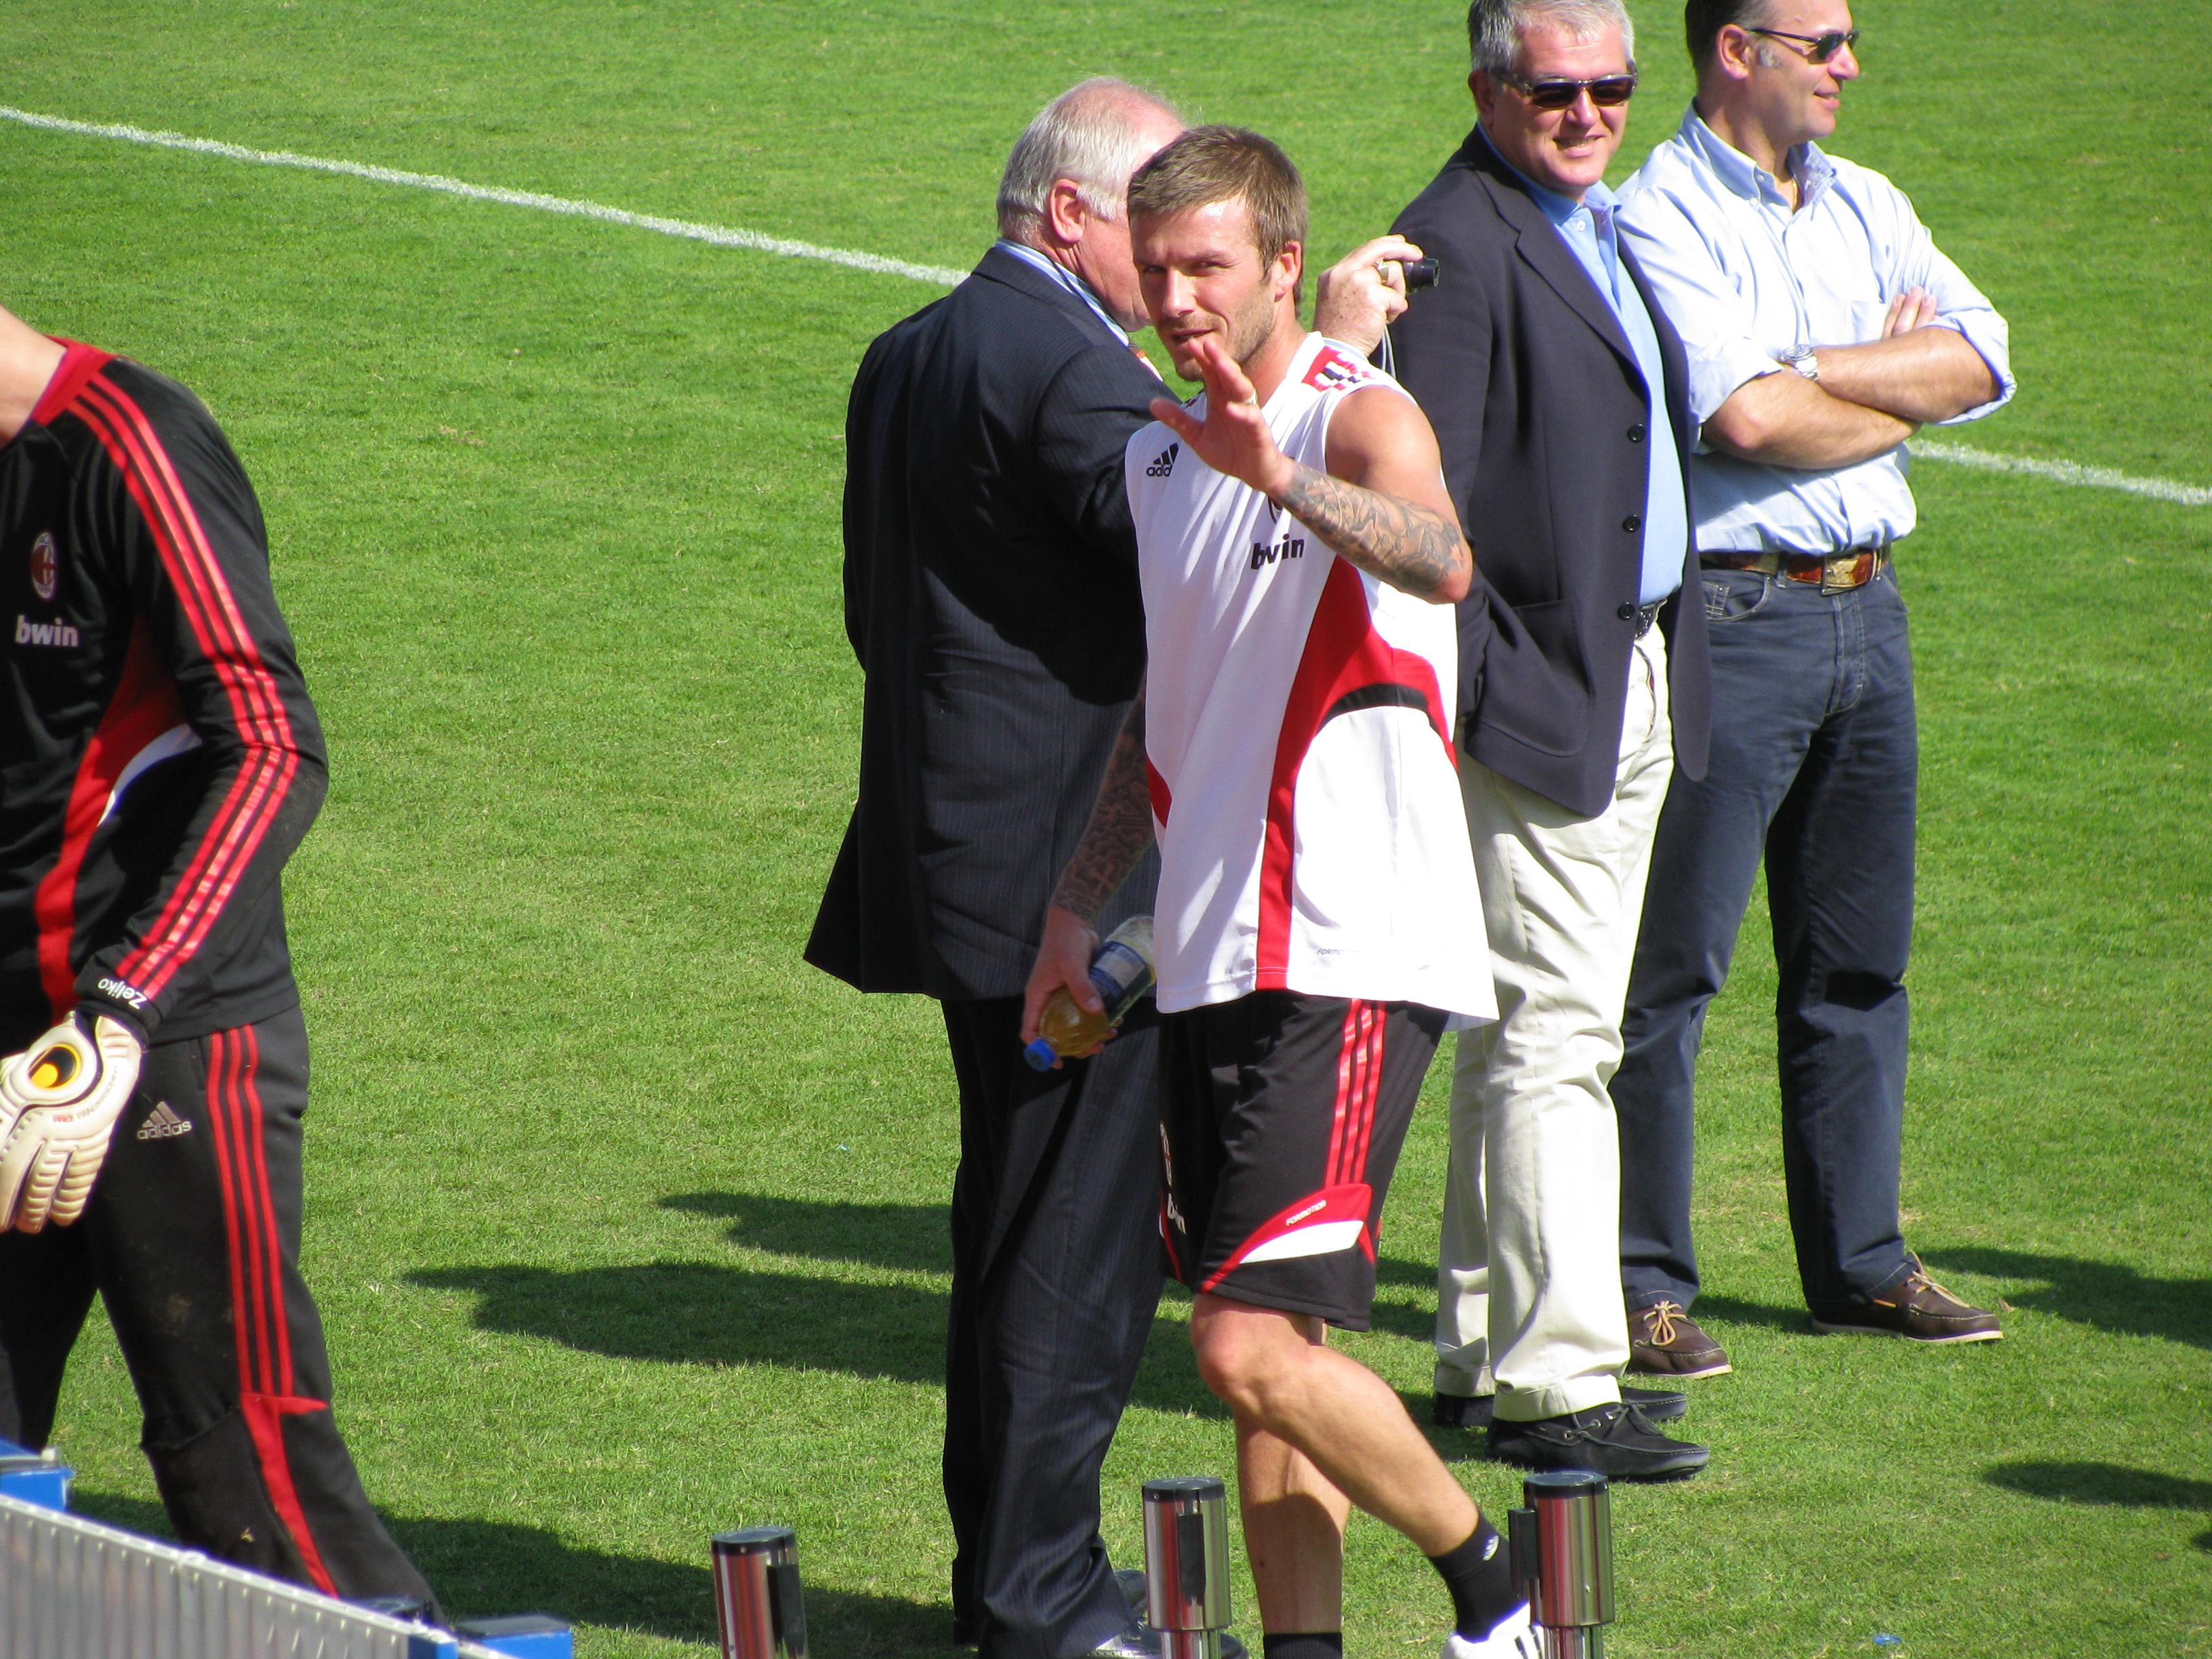 David Beckham waving